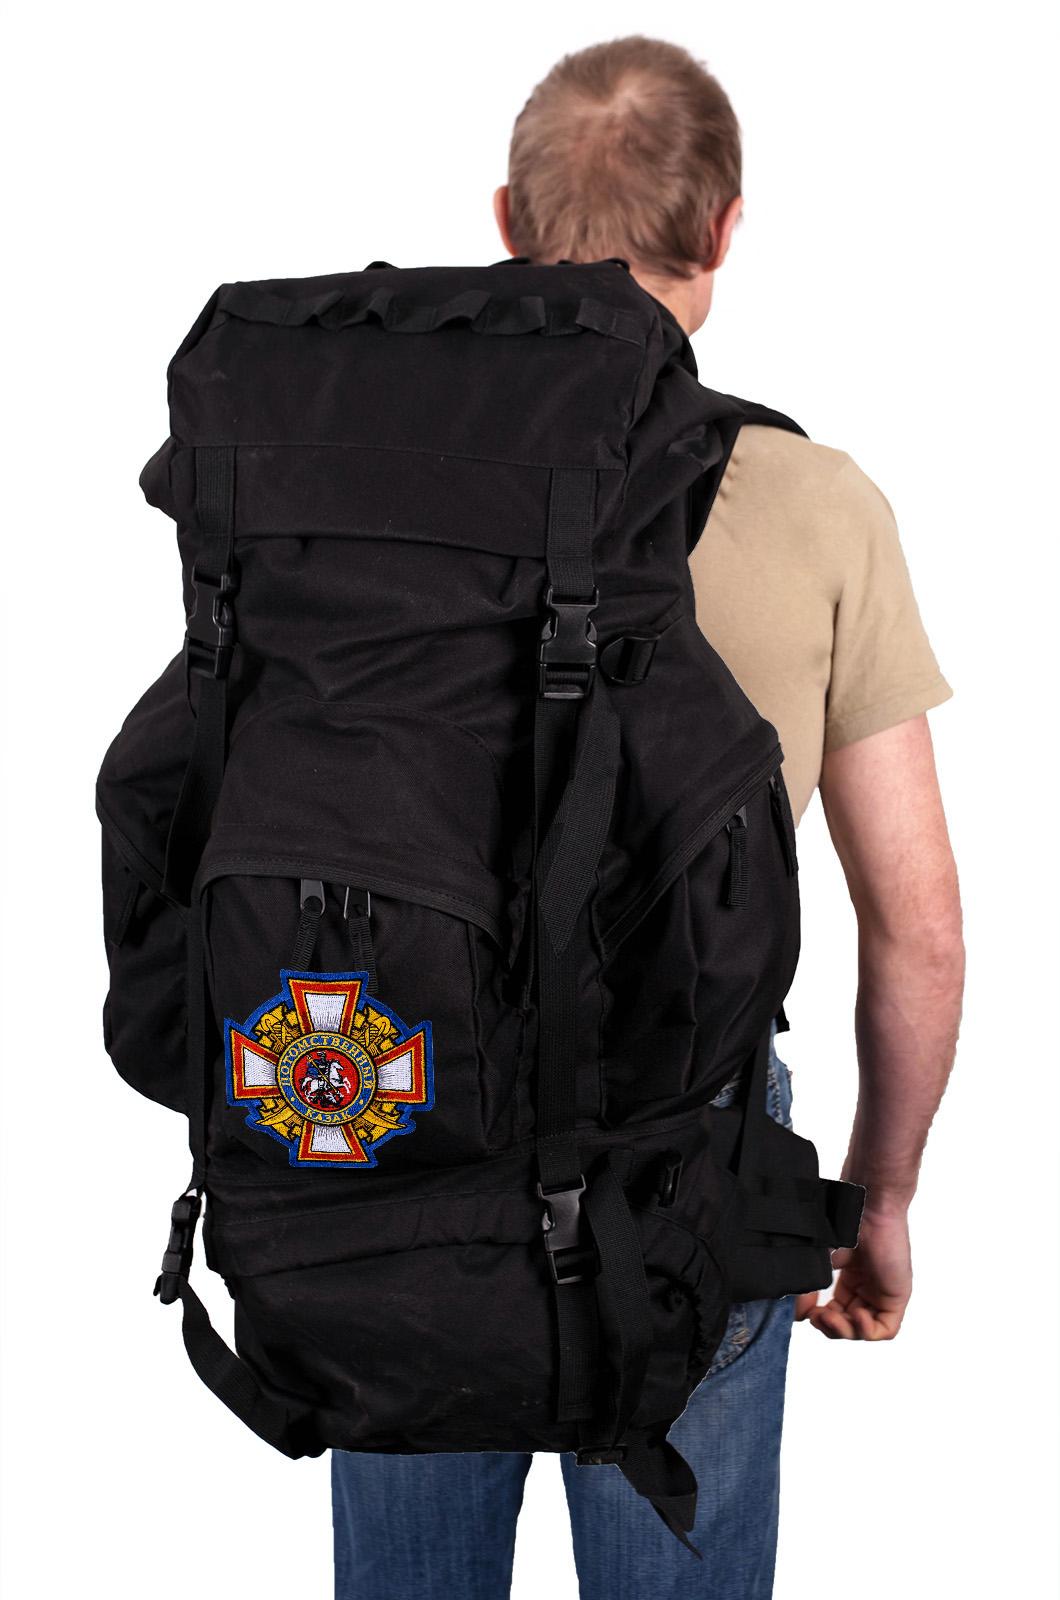 Черный многодневный рюкзак с нашивкой Потомственный Казак